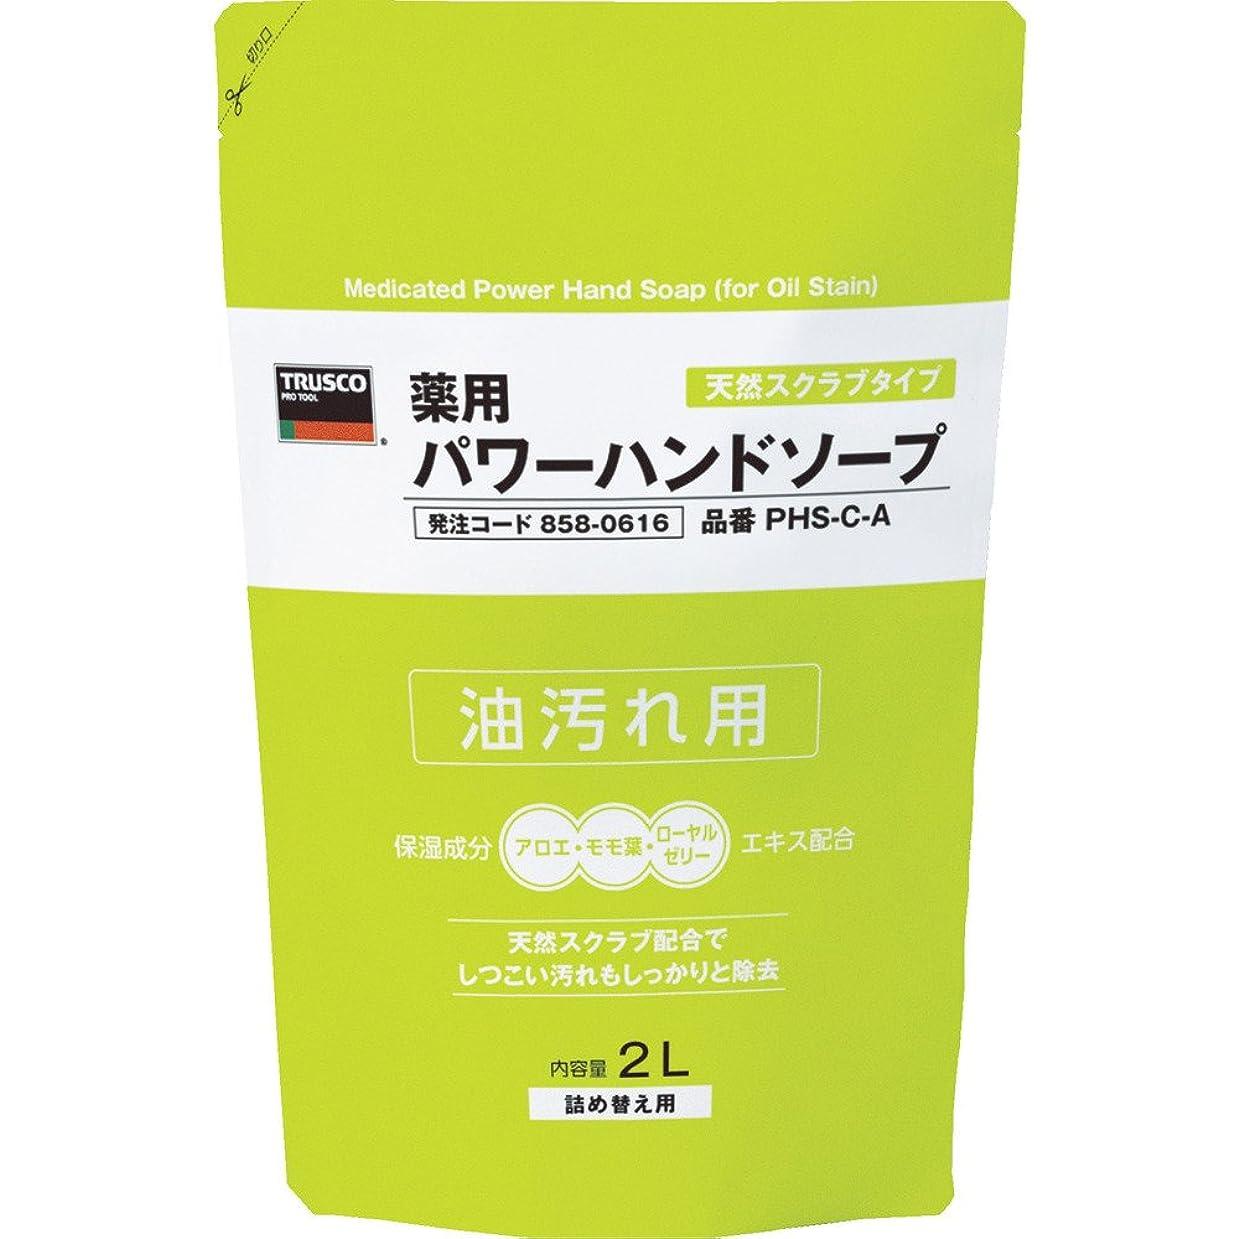 側溝縫うぴったりTRUSCO(トラスコ) 薬用パワーハンドソープ 詰替パック 2.0L PHS-C-A